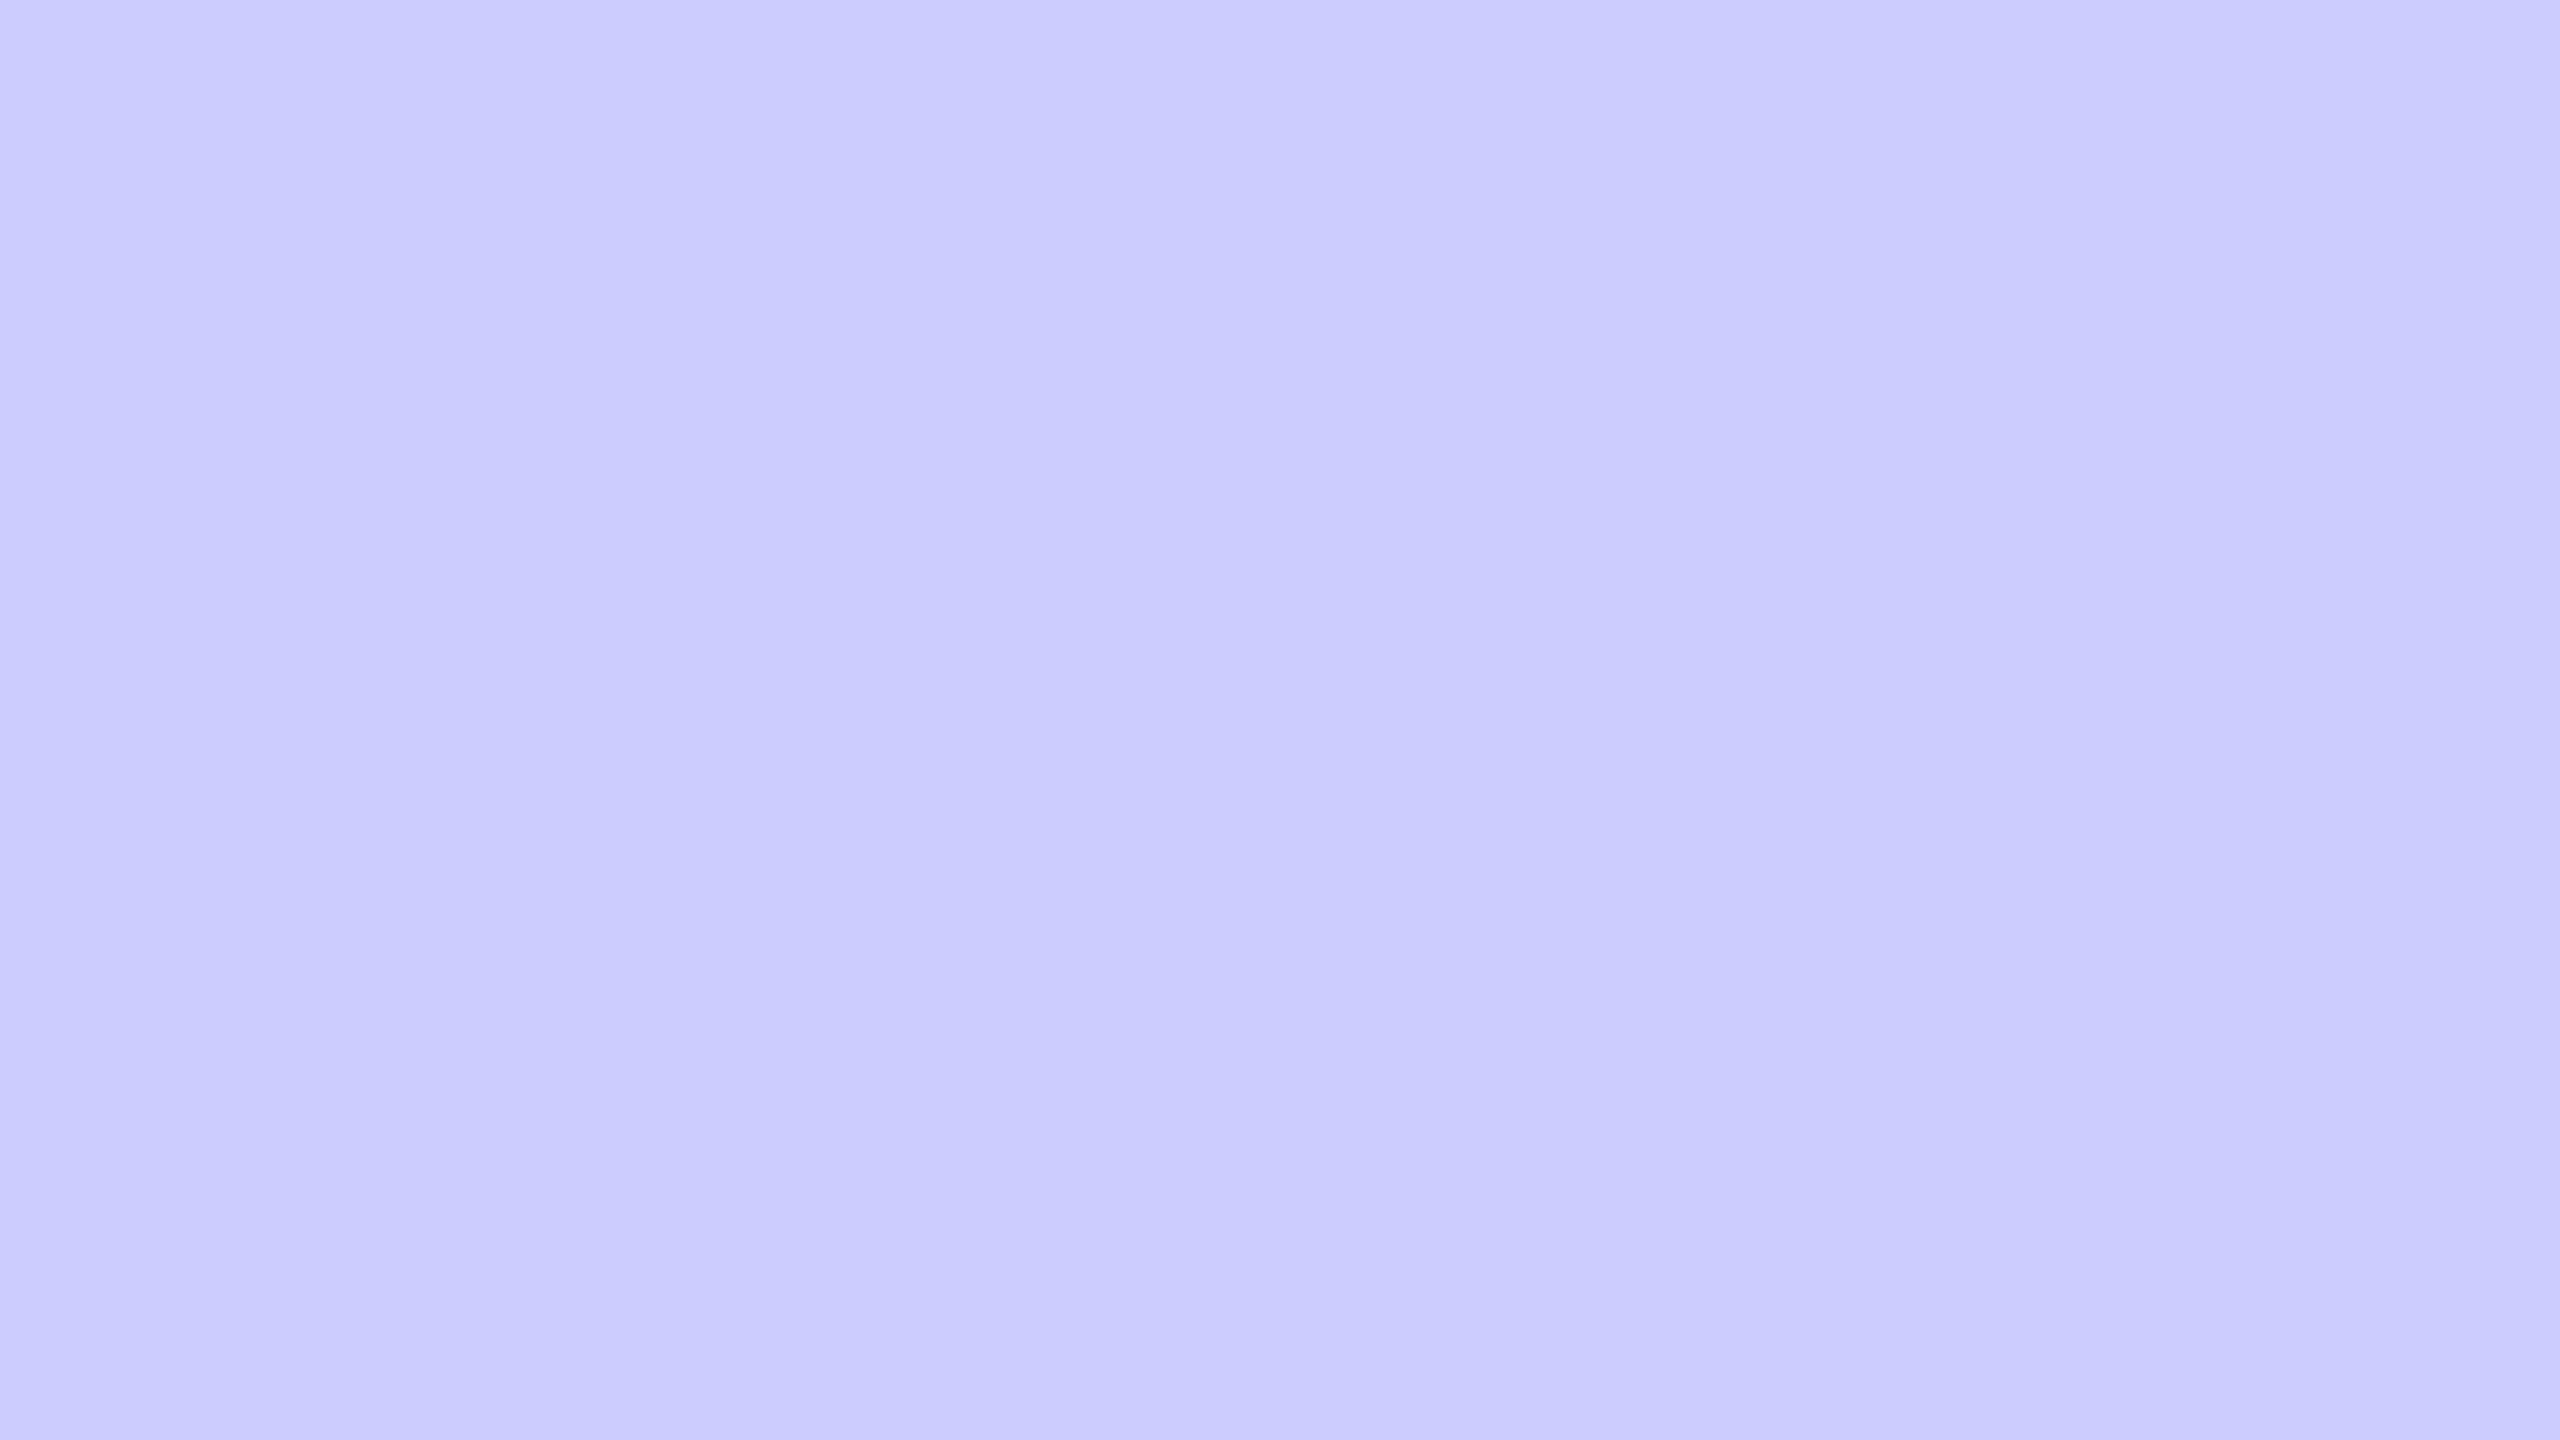 2560x1440 Lavender Blue Solid Color Background